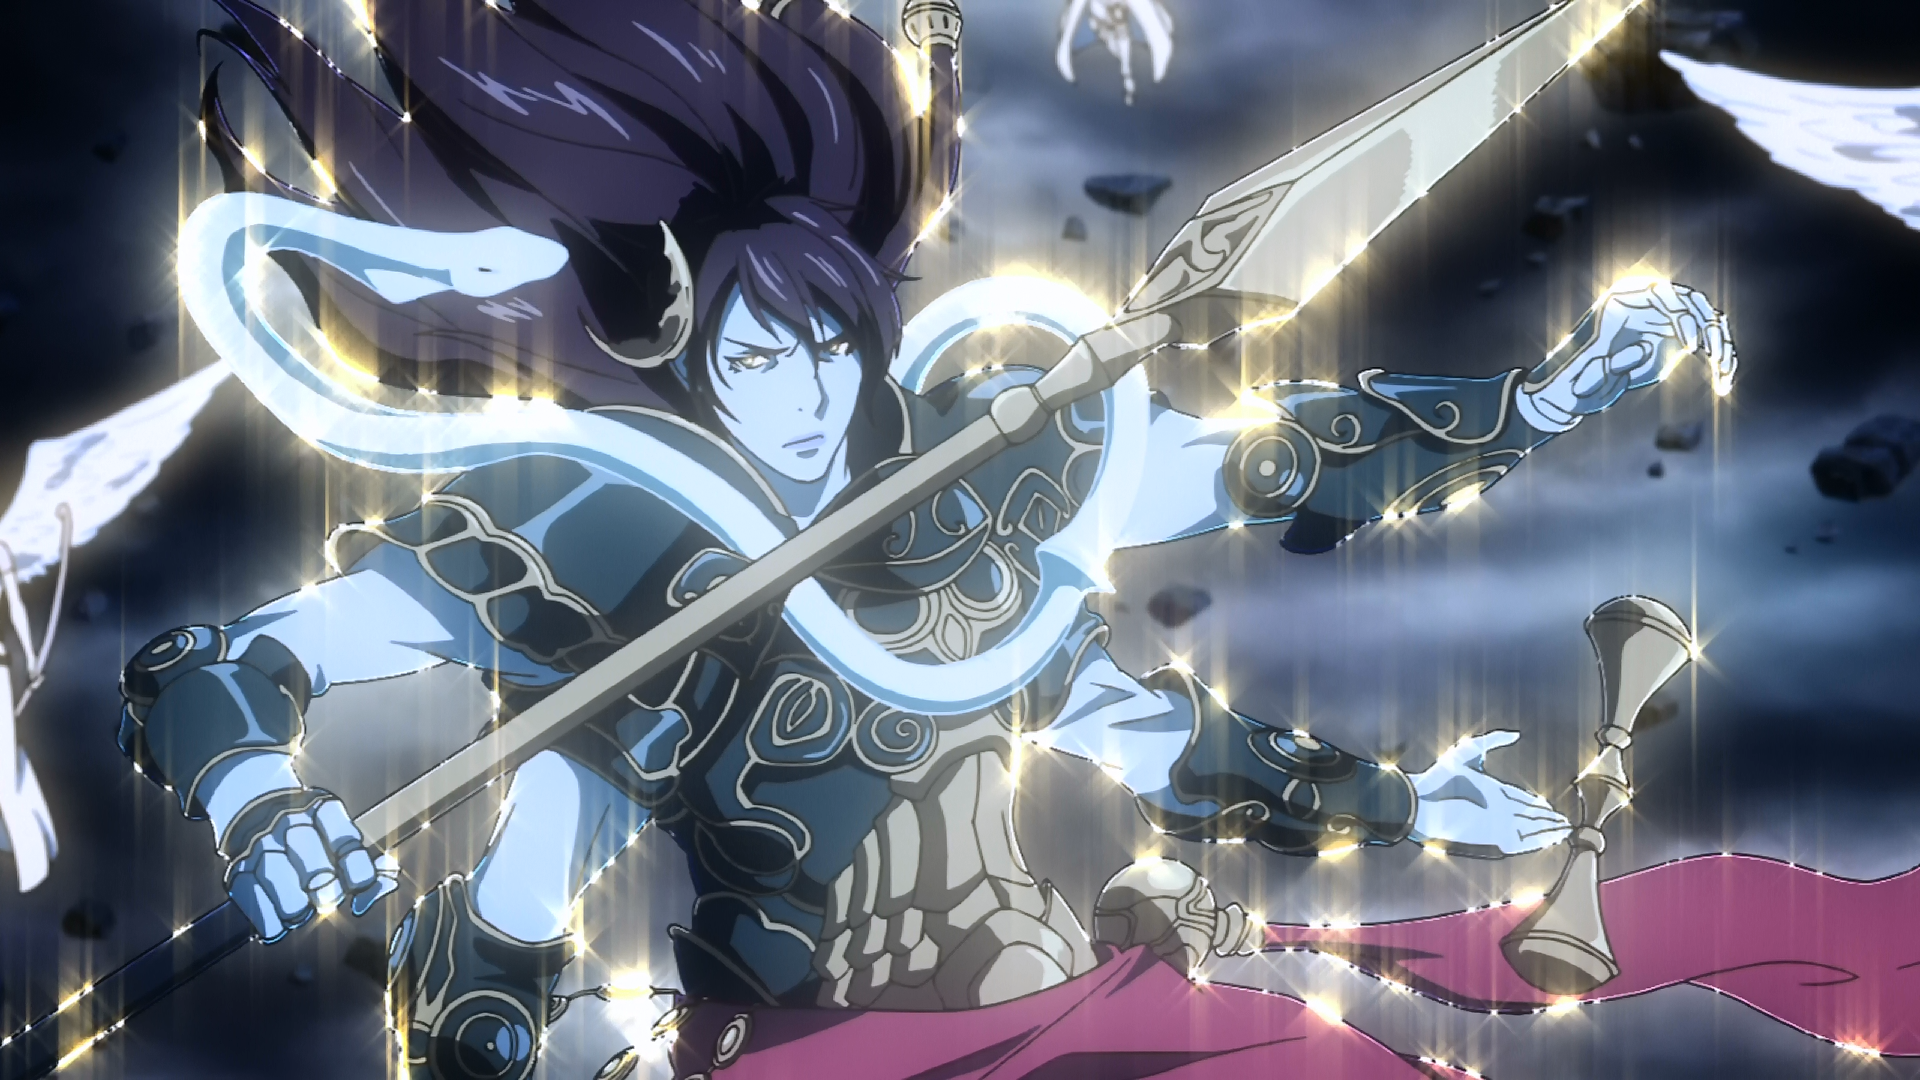 Shiva Anime